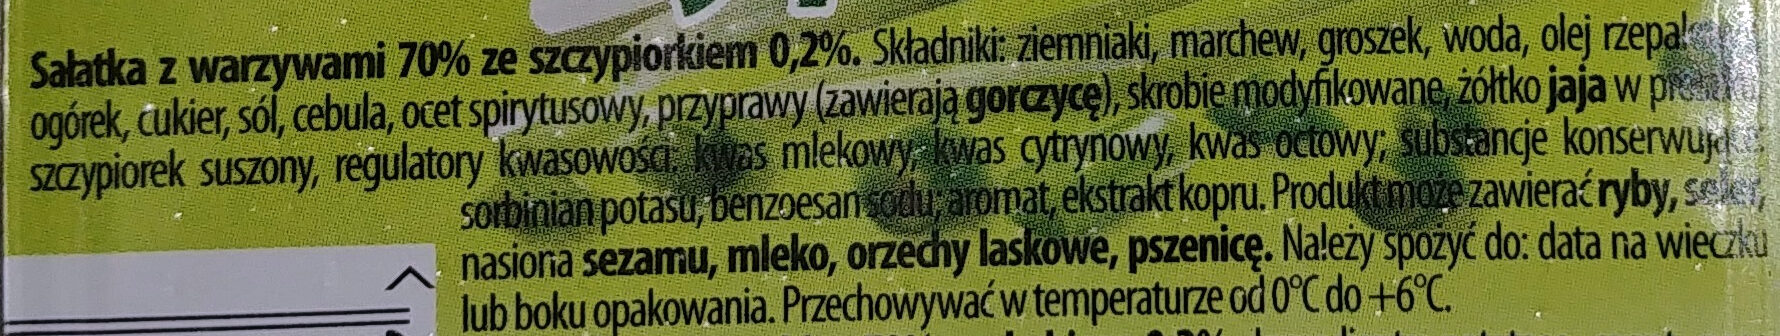 Salatka warzywna ze szczypiorkiem - Ingredients - pl